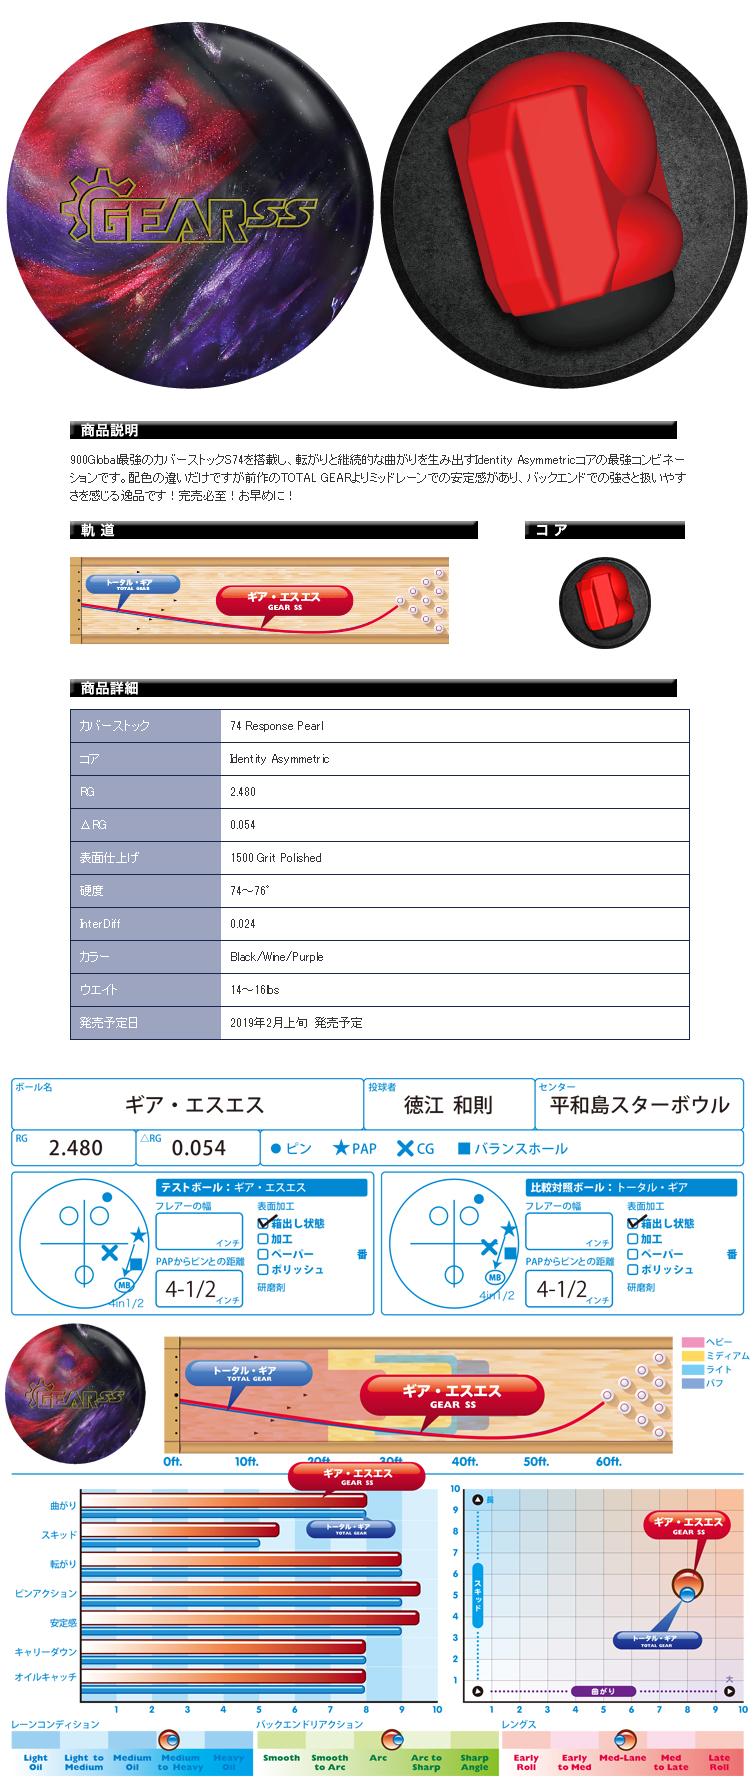 ボウリング用品 ボウリングボール 900グローバル 900GLOBAL ギアSS GEAR SS